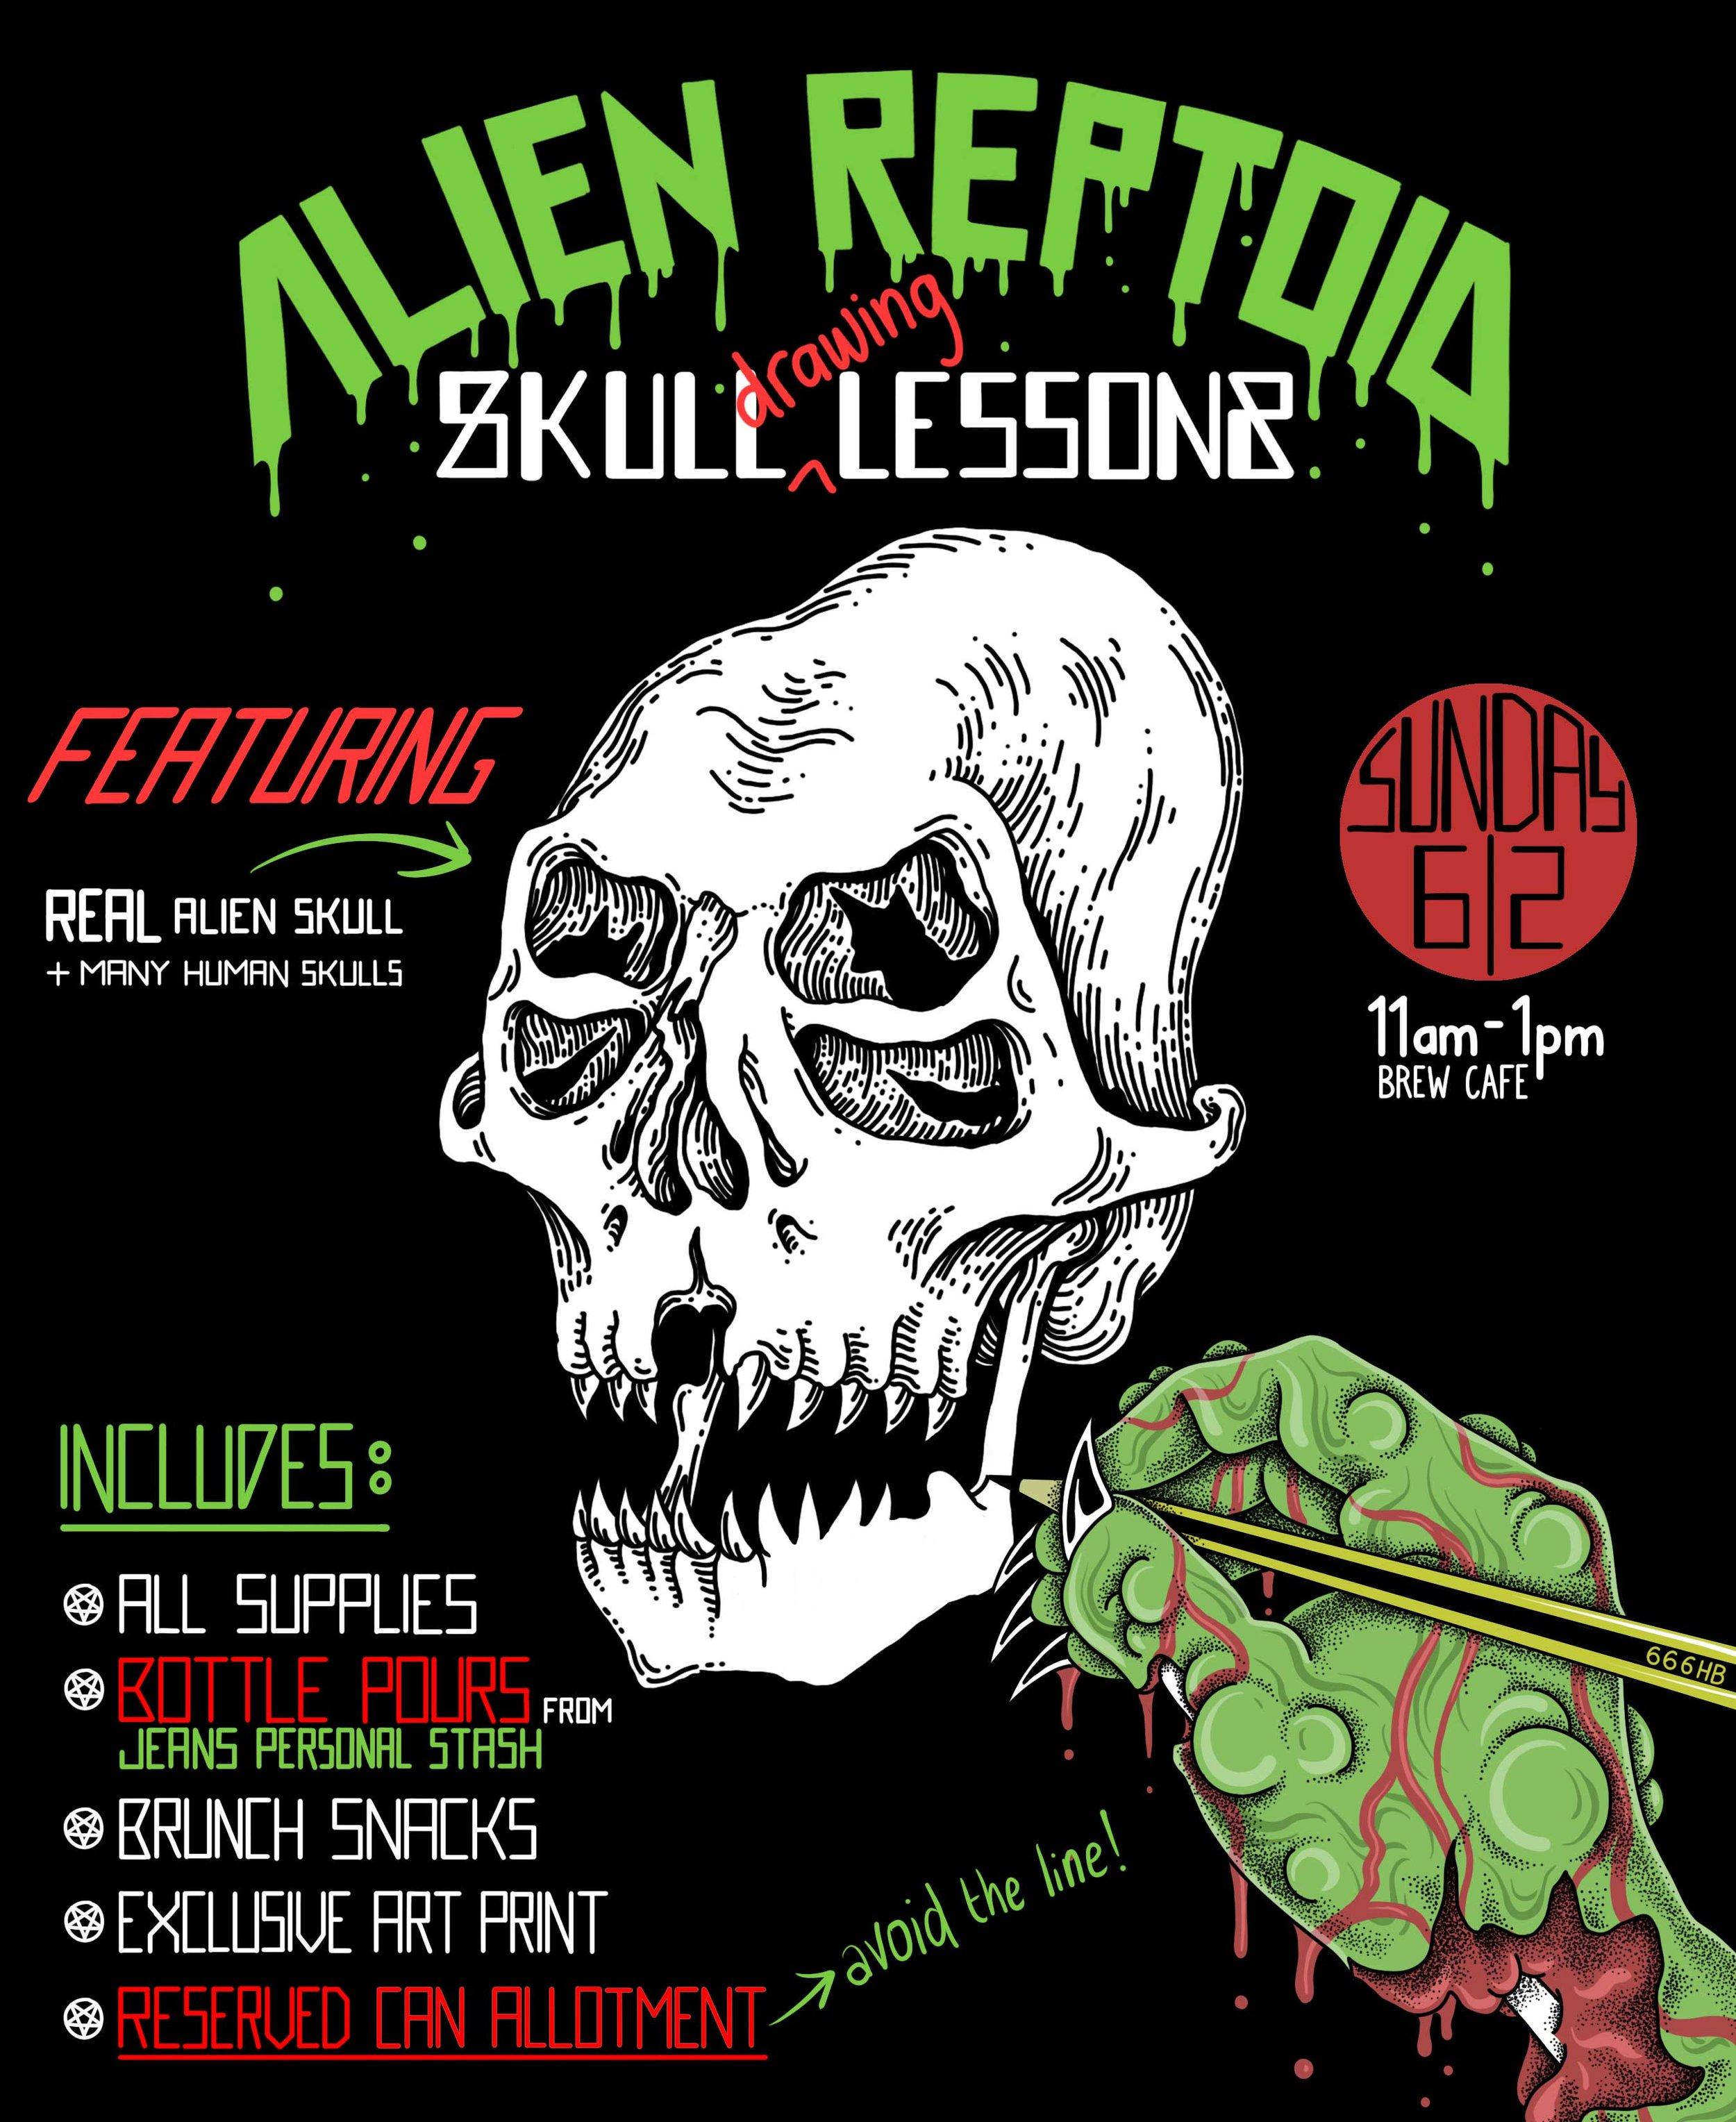 Skull-Lesson-Flyer.jpg